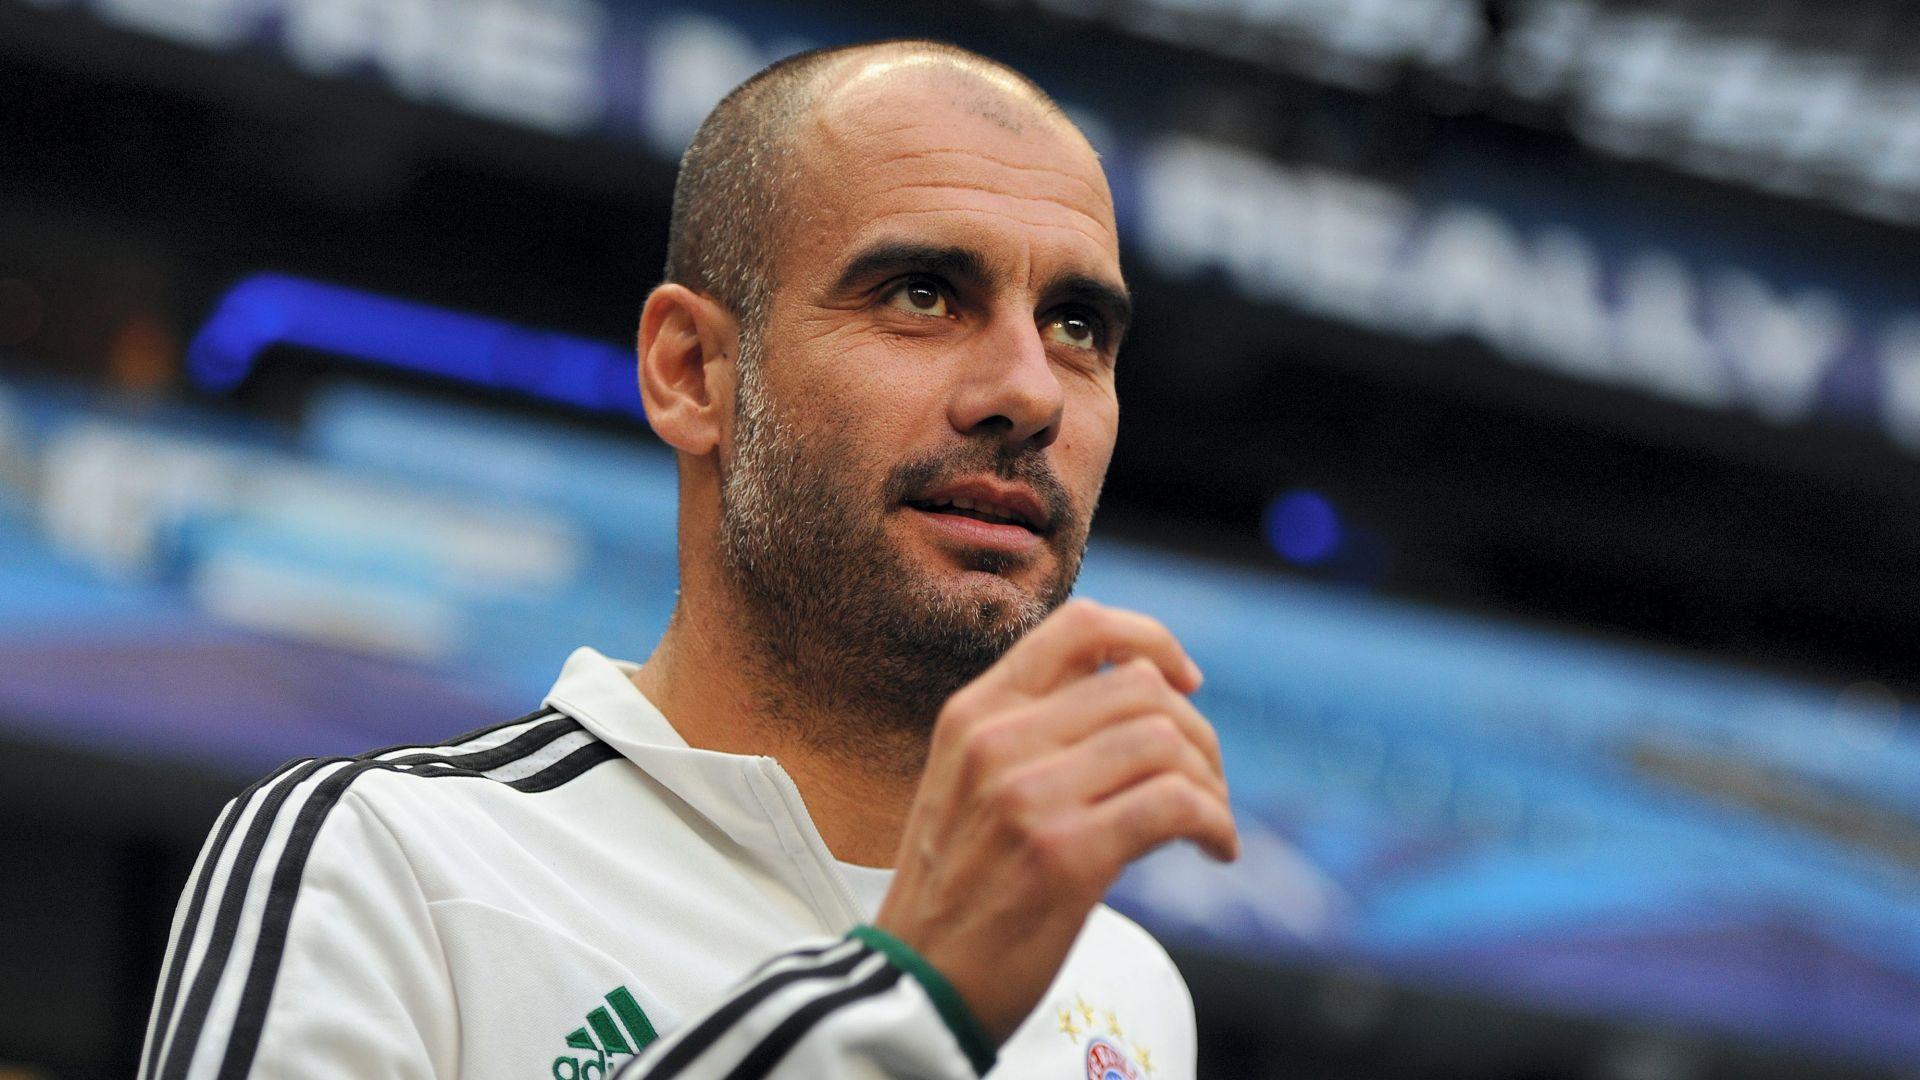 Гуардиола получи нов договор след рекордьорския сезон